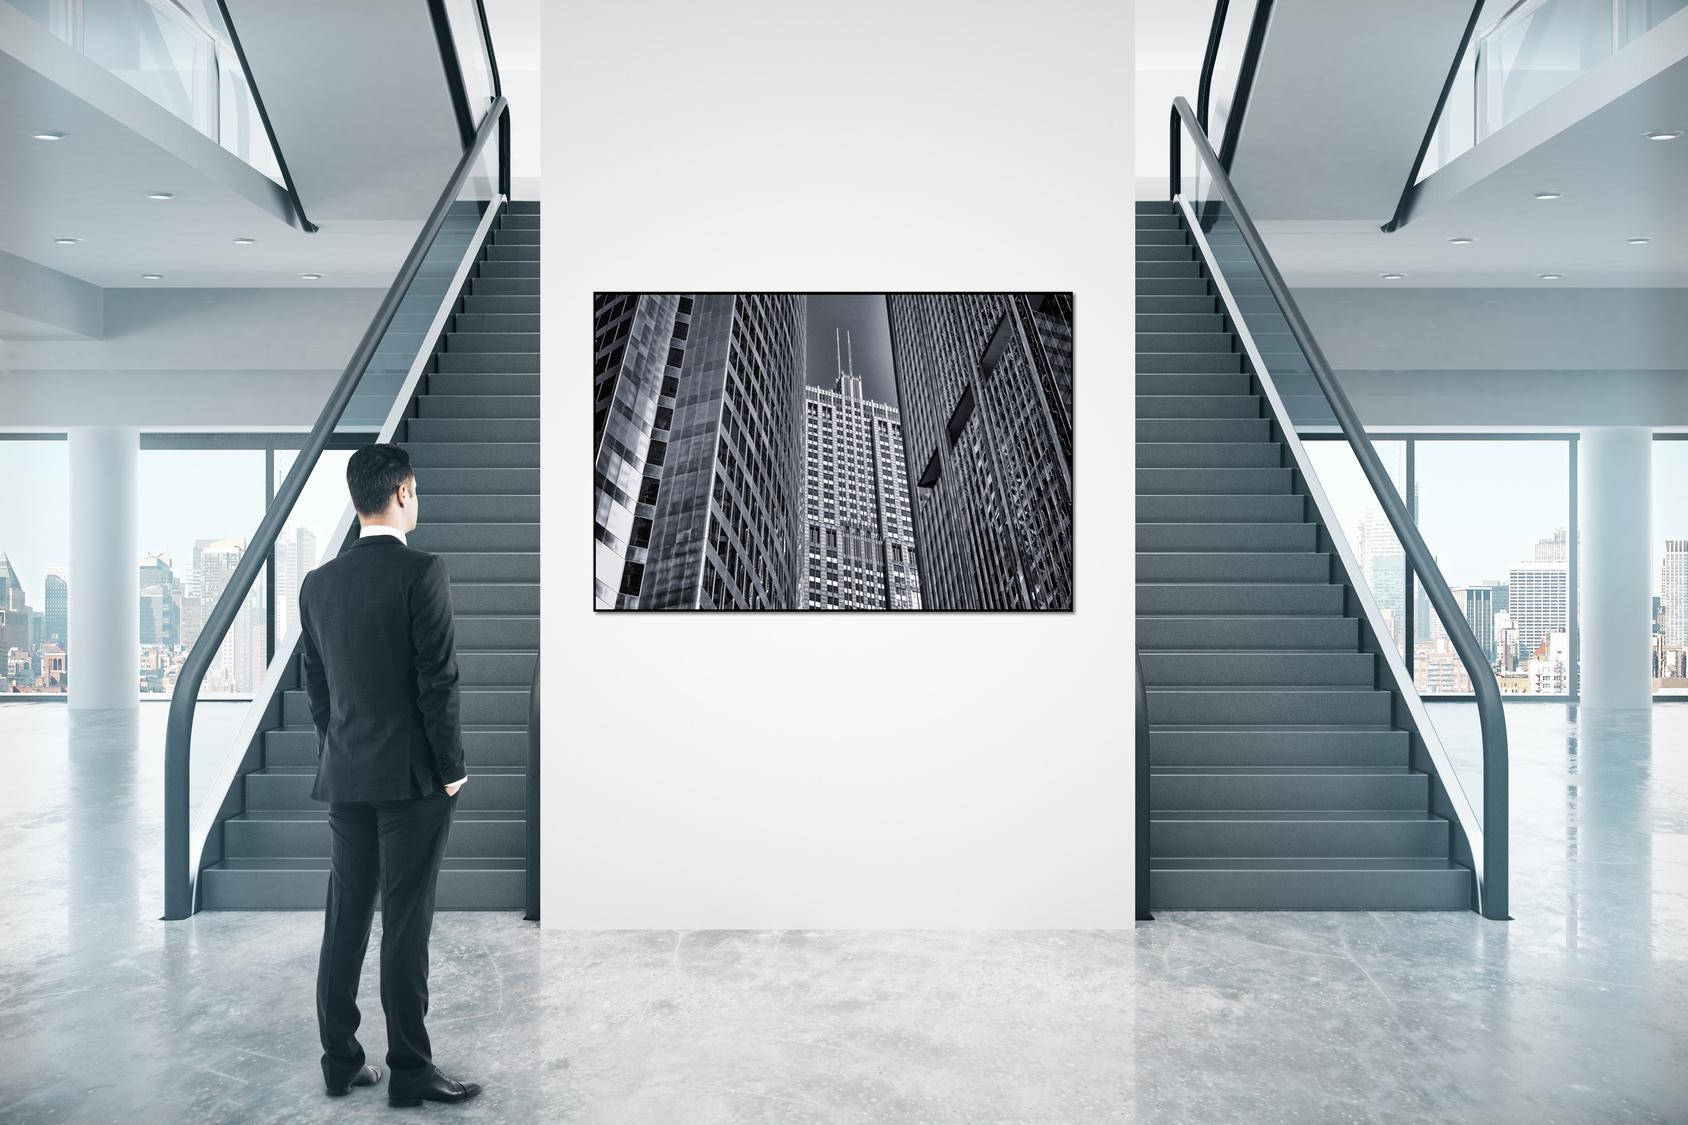 Aufhängebeispiel / Hanging examples